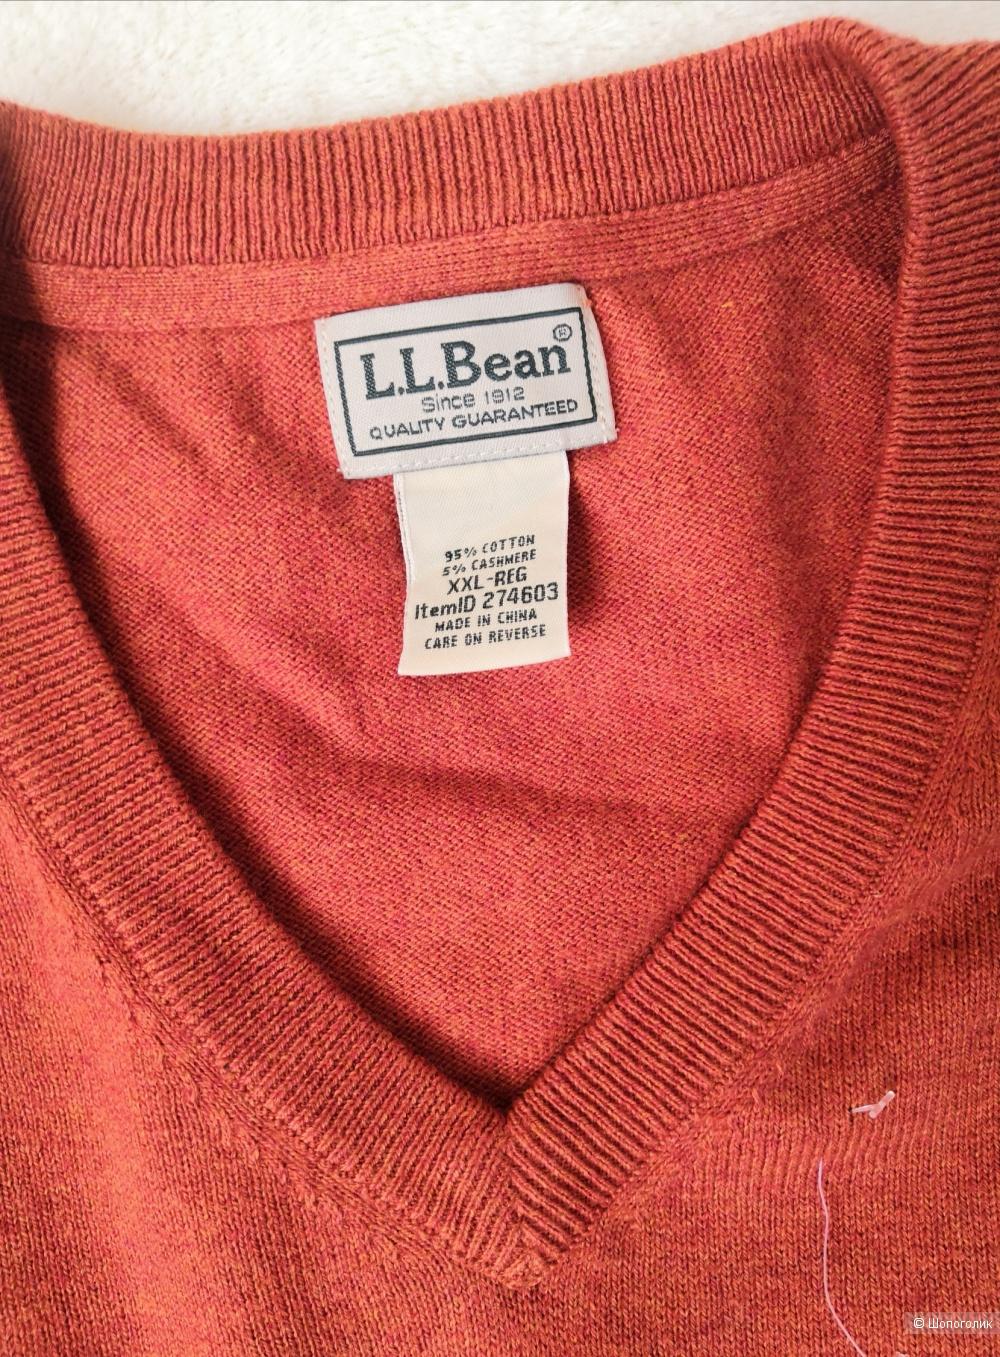 Джемпер L. L. Bean, размер 54-56